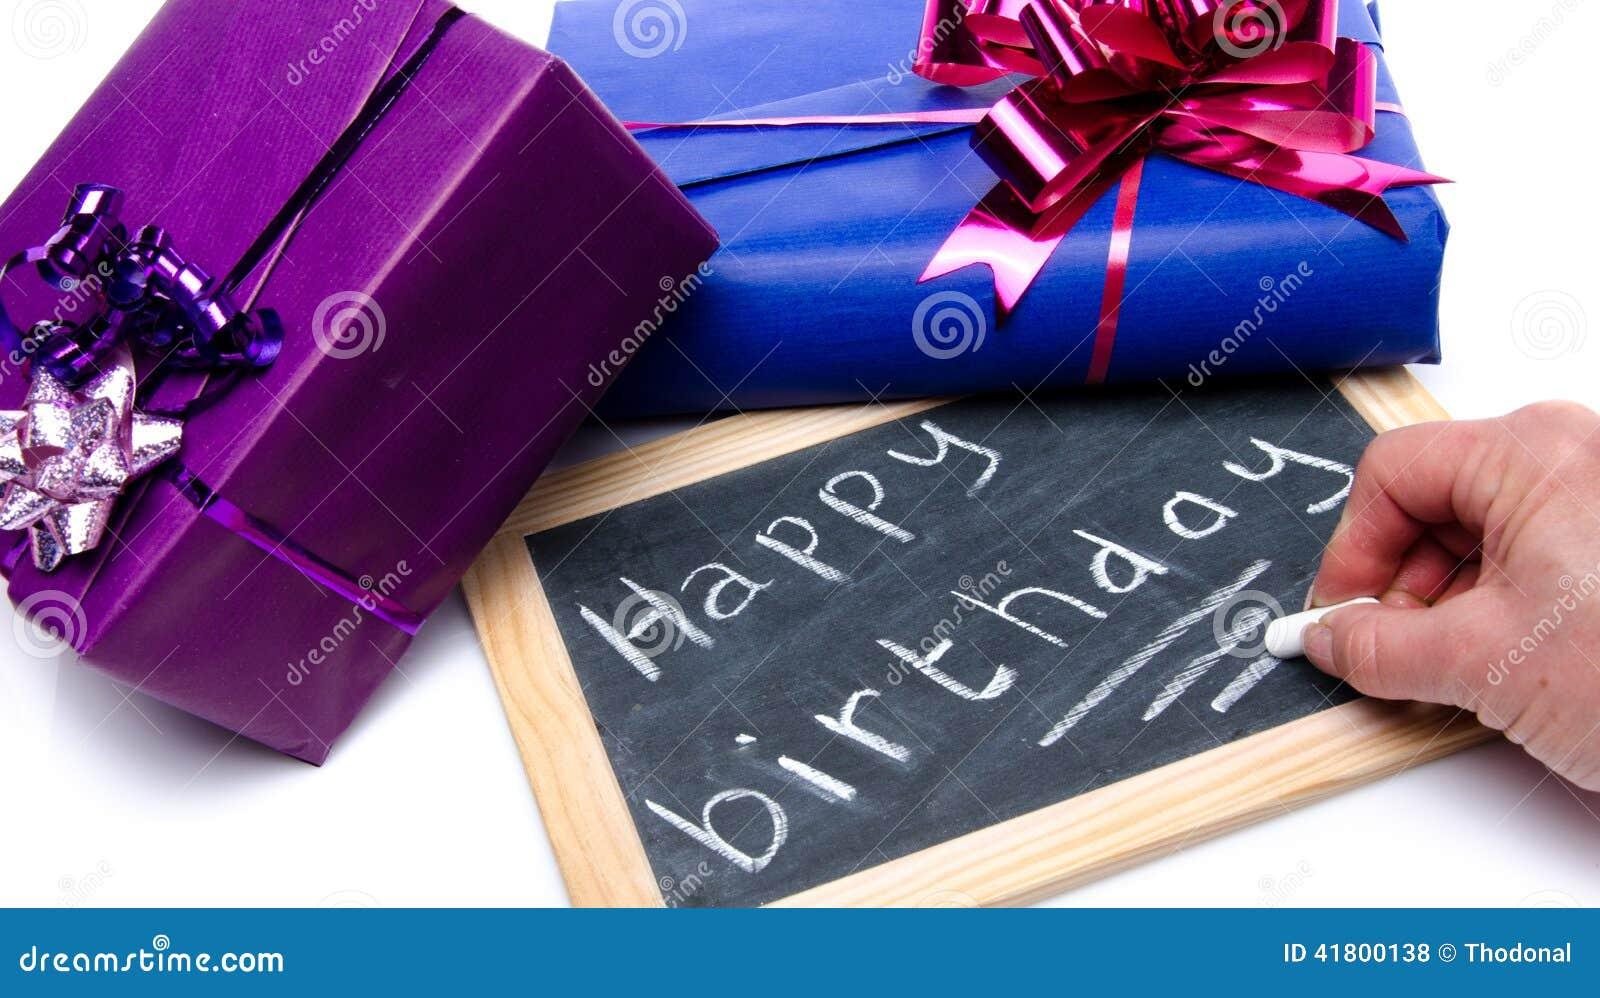 Alles Gute zum Geburtstag der Handschrift auf einer Schiefertafel mit Geschenken